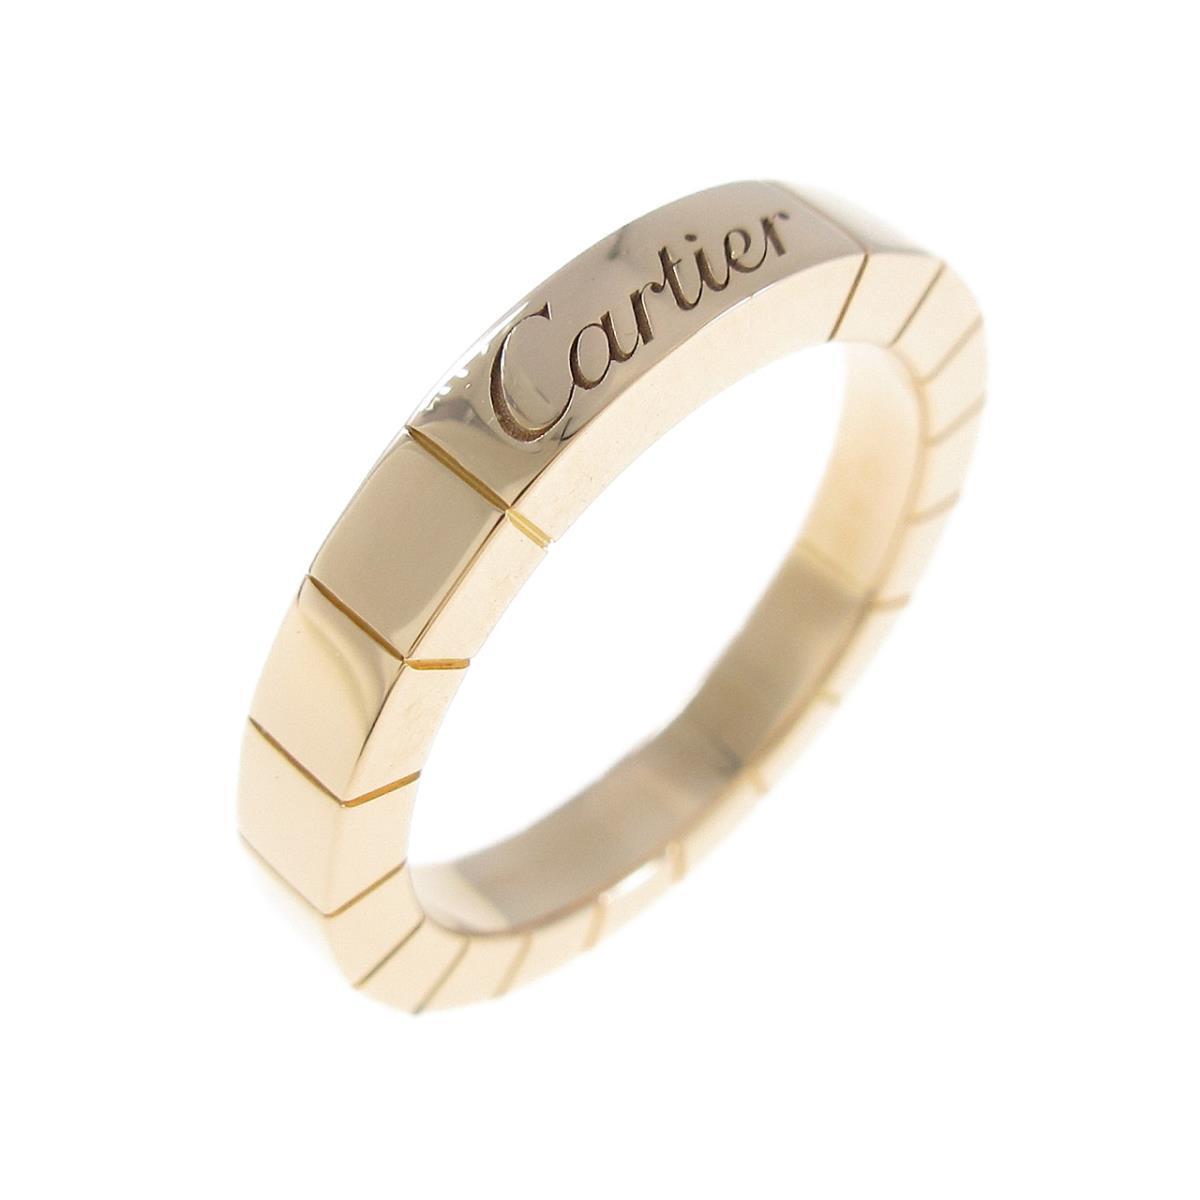 カルティエのロゴが入ったゴールドの指輪